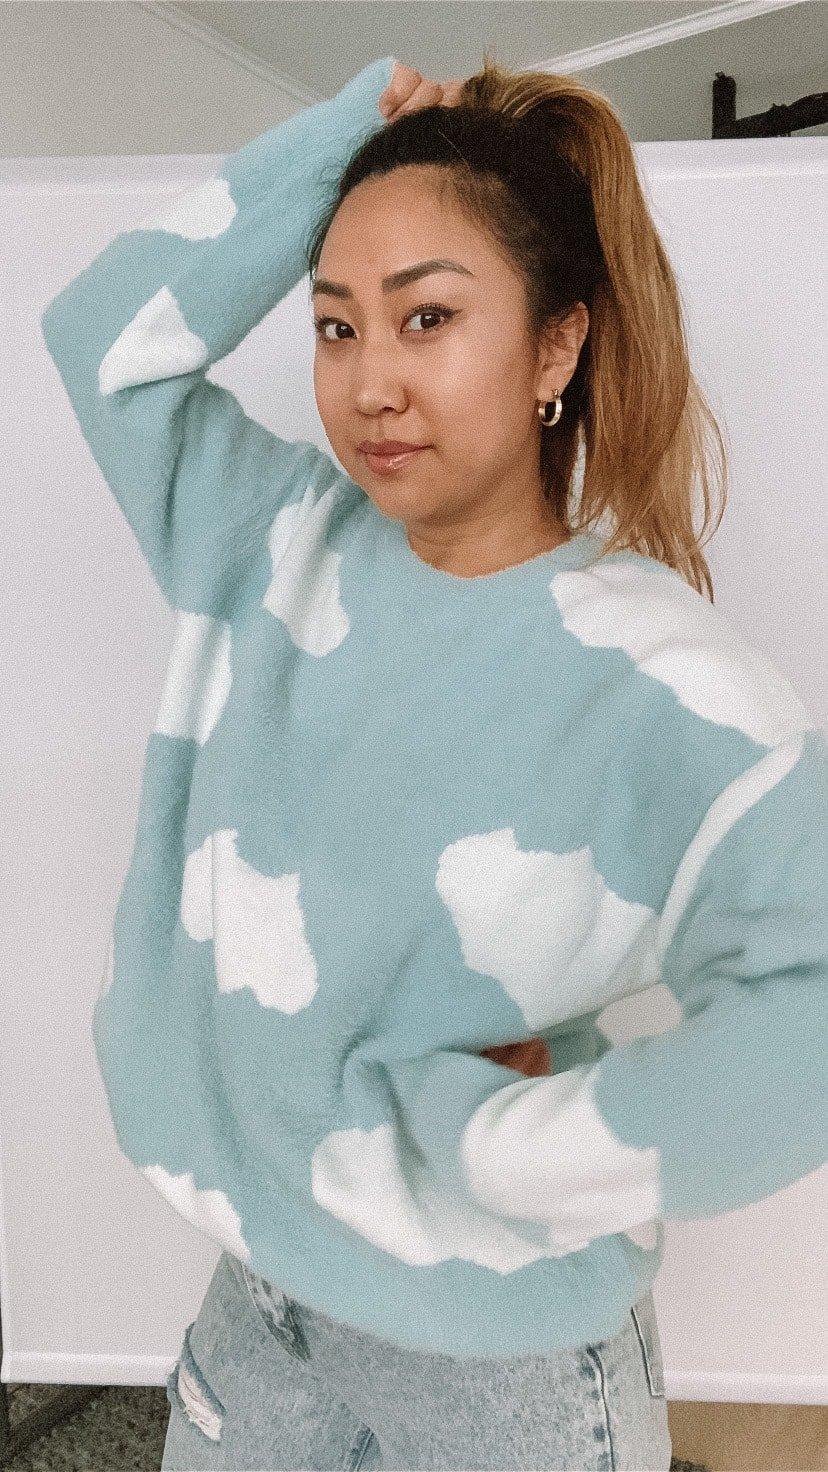 soft girl aesthetic: soft girl sweater